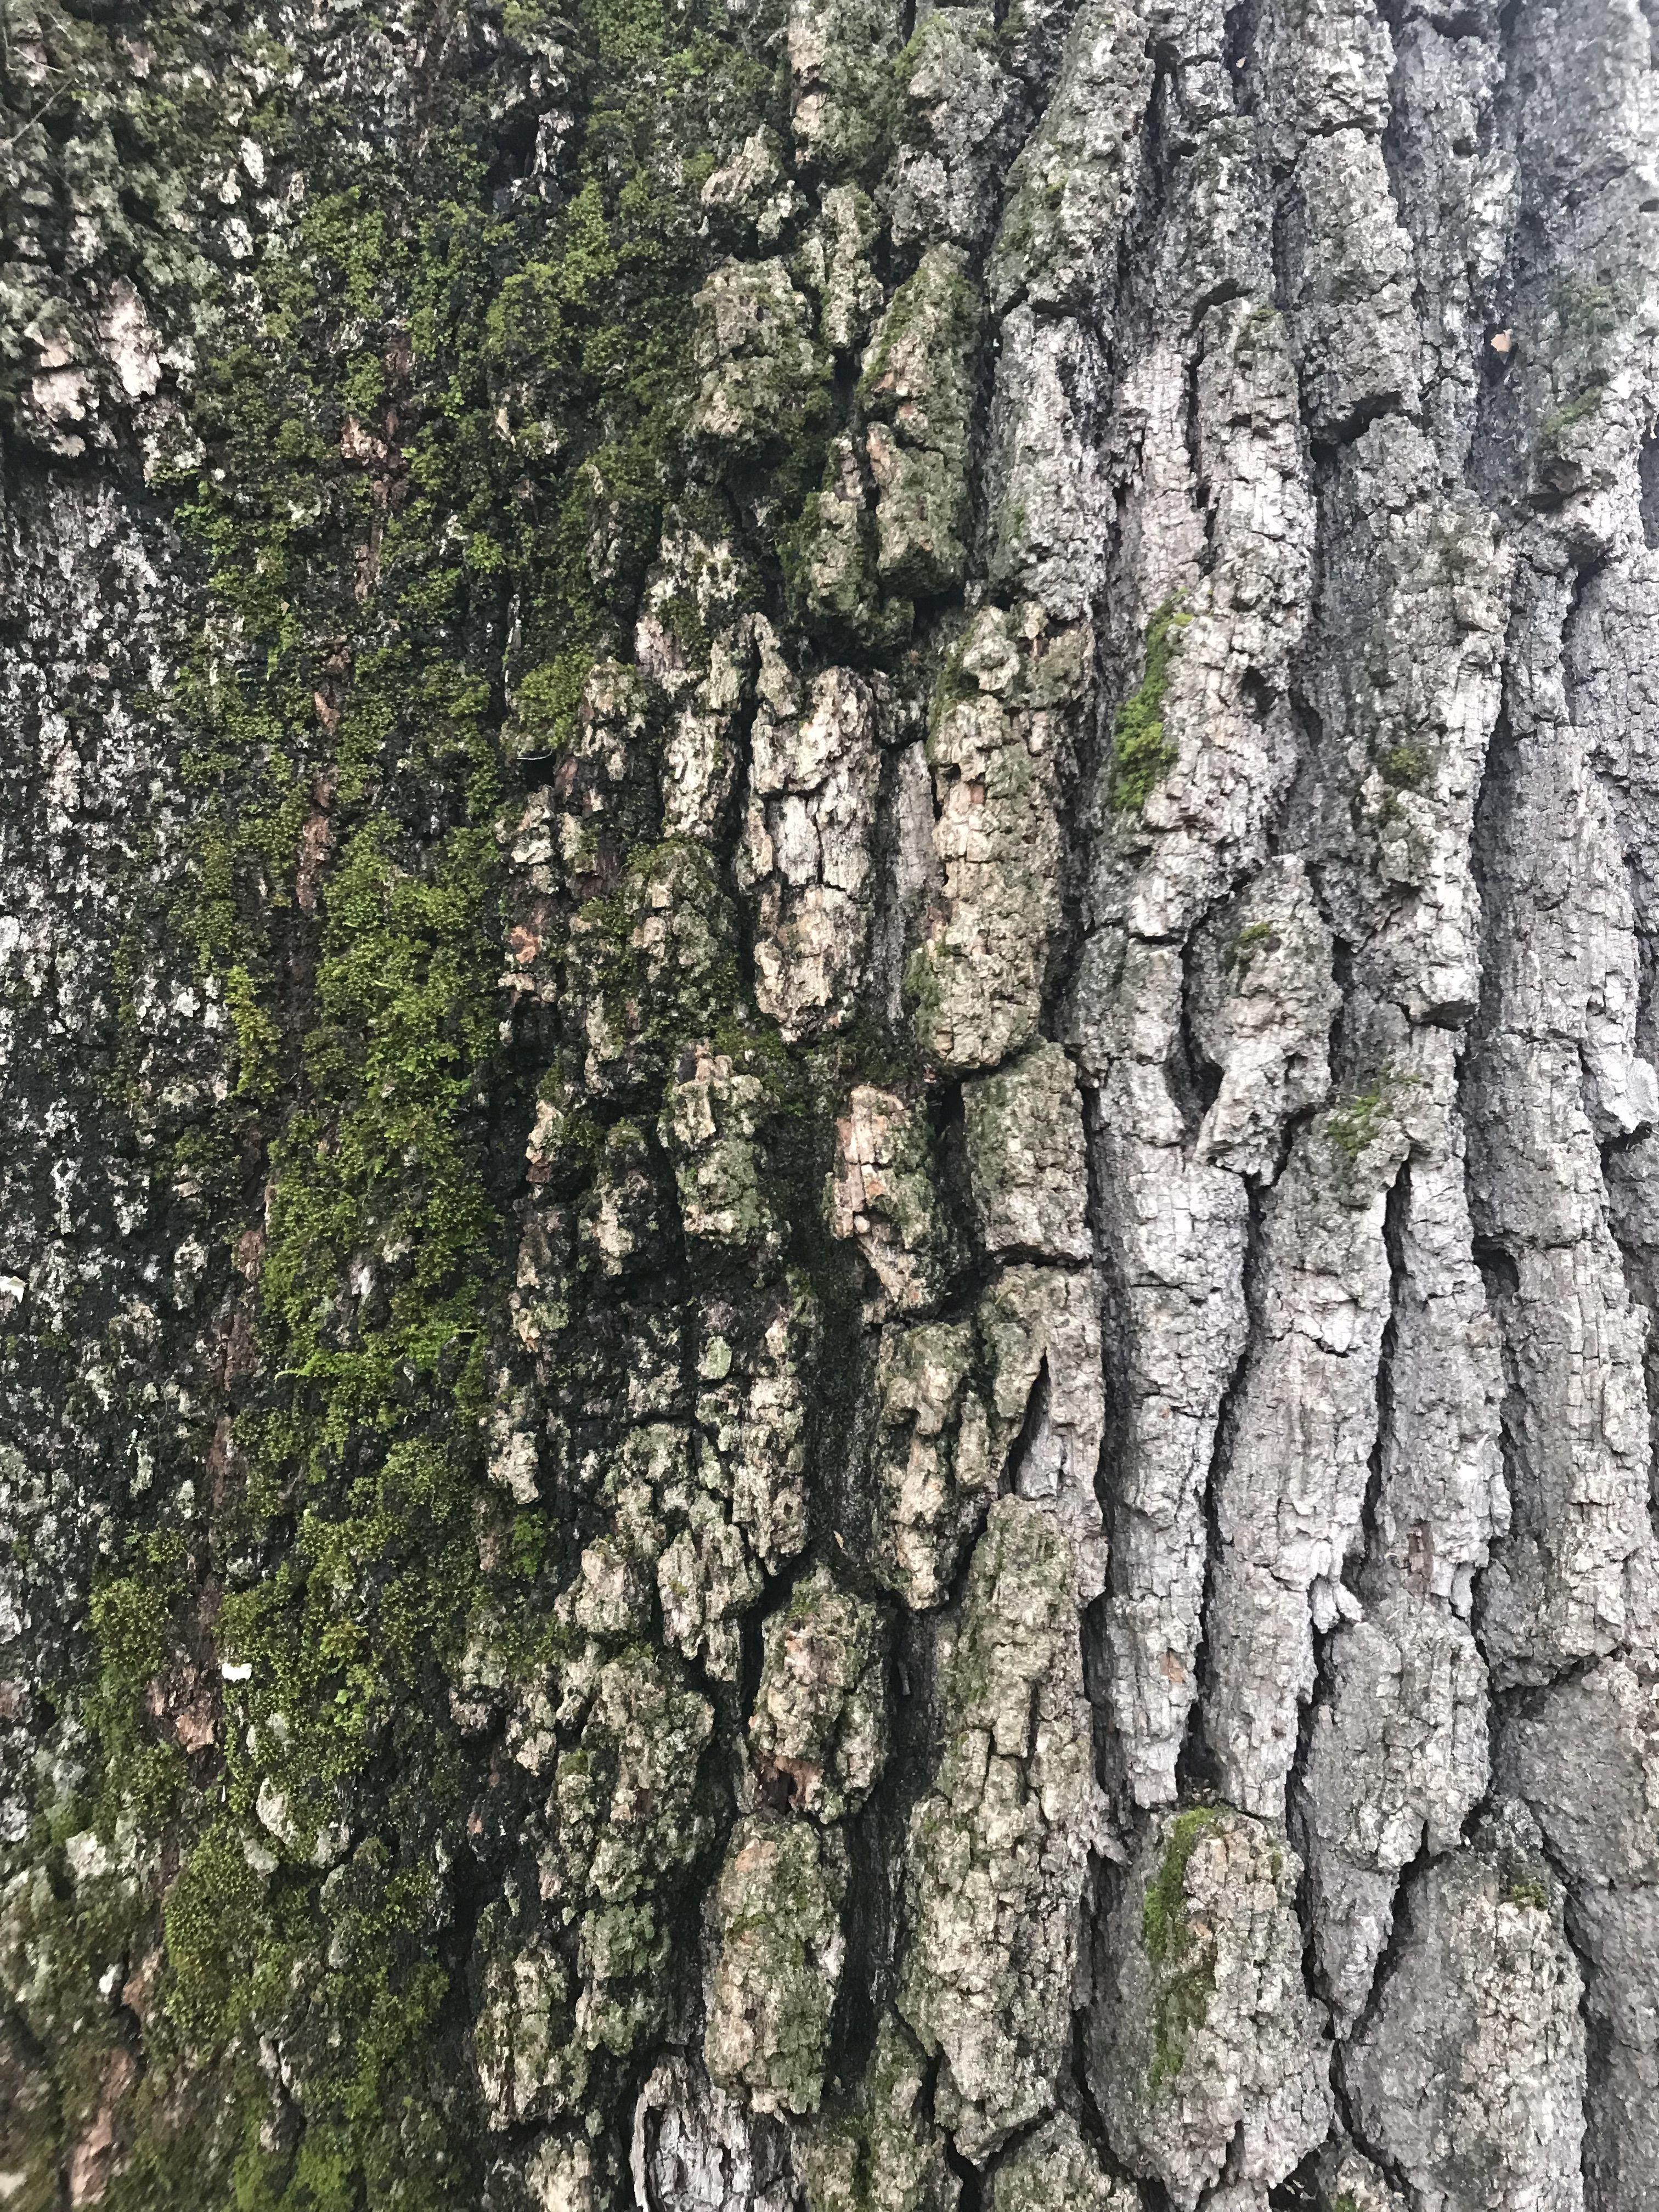 Tree Bark Texture Tree Bark Texture Tree Textures Tree Bark